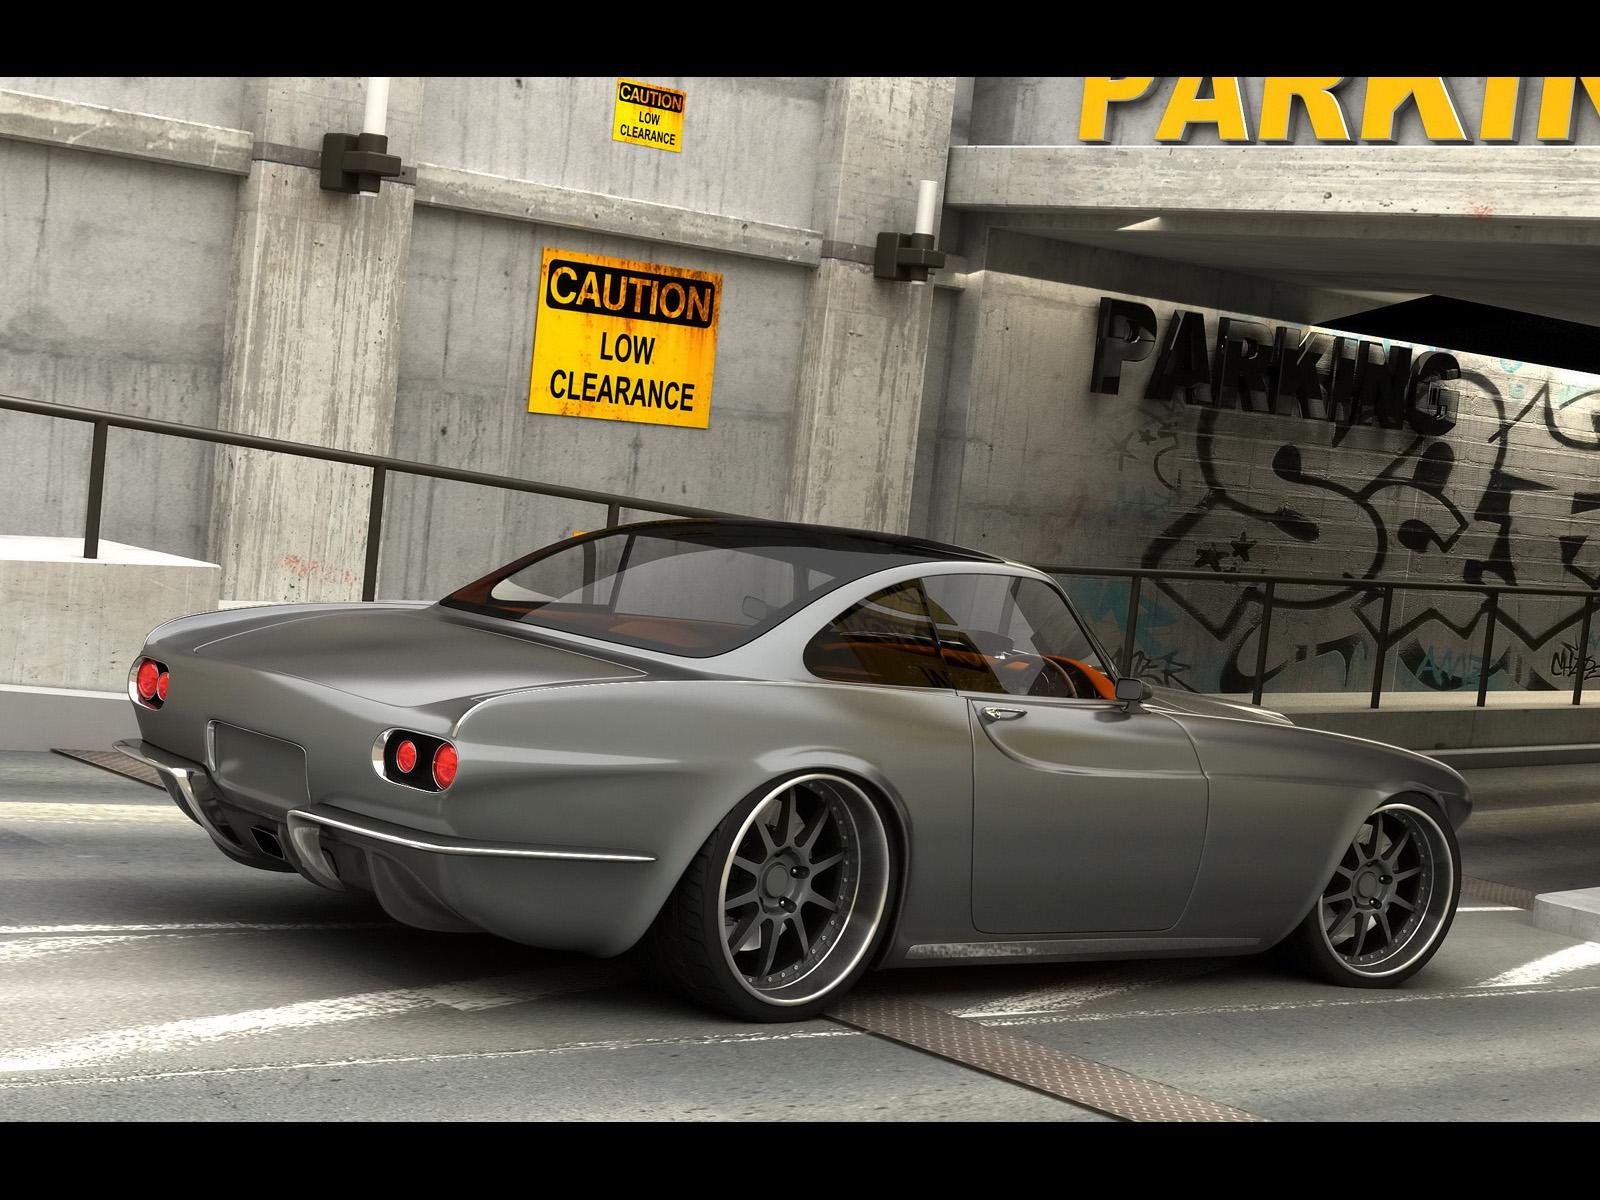 2009 Vox P1800 Concept supercar volvo f wallpaper ...